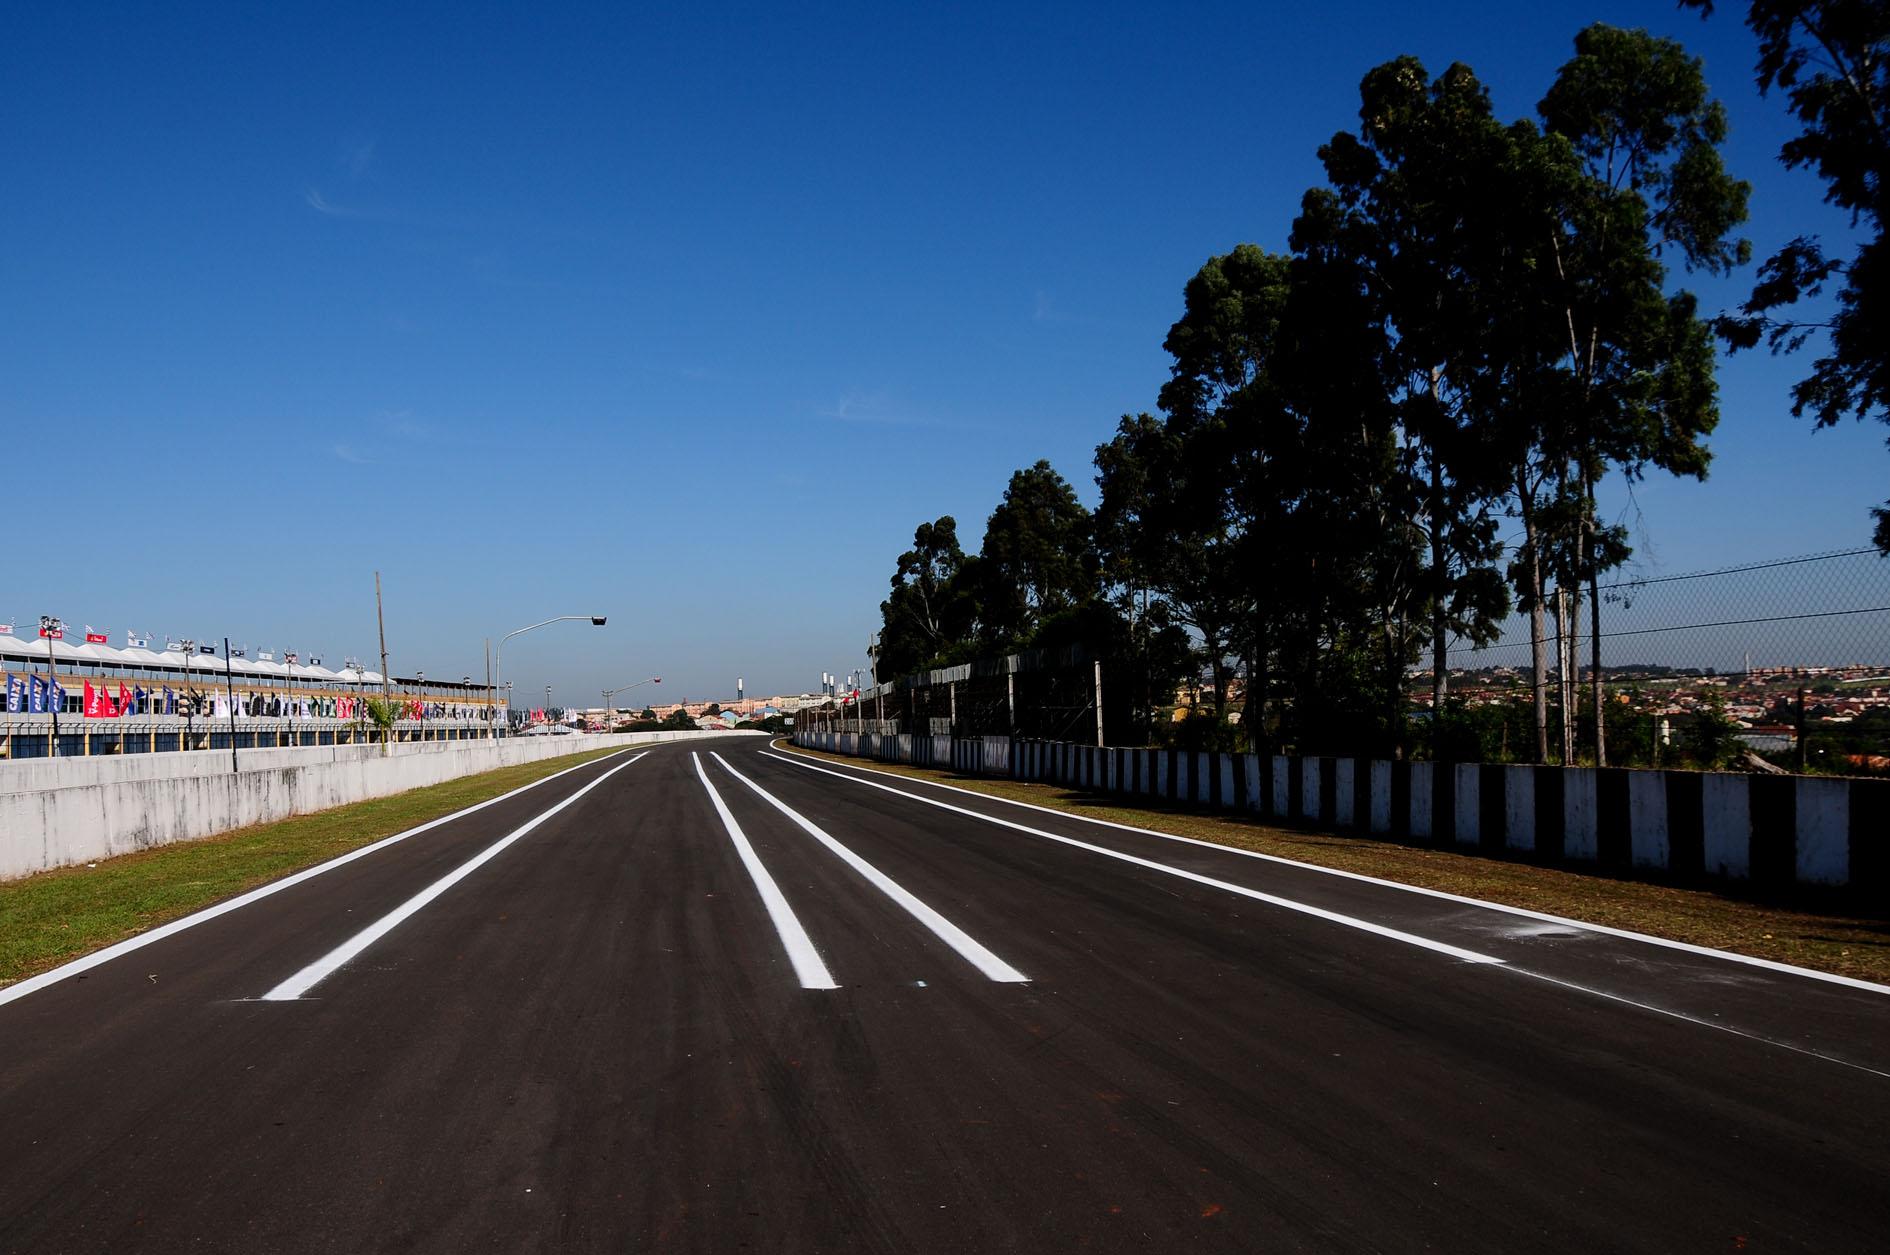 Autódromo volta receber Stock Car após quatro anos. Foto: Duda Bairros/Vicar